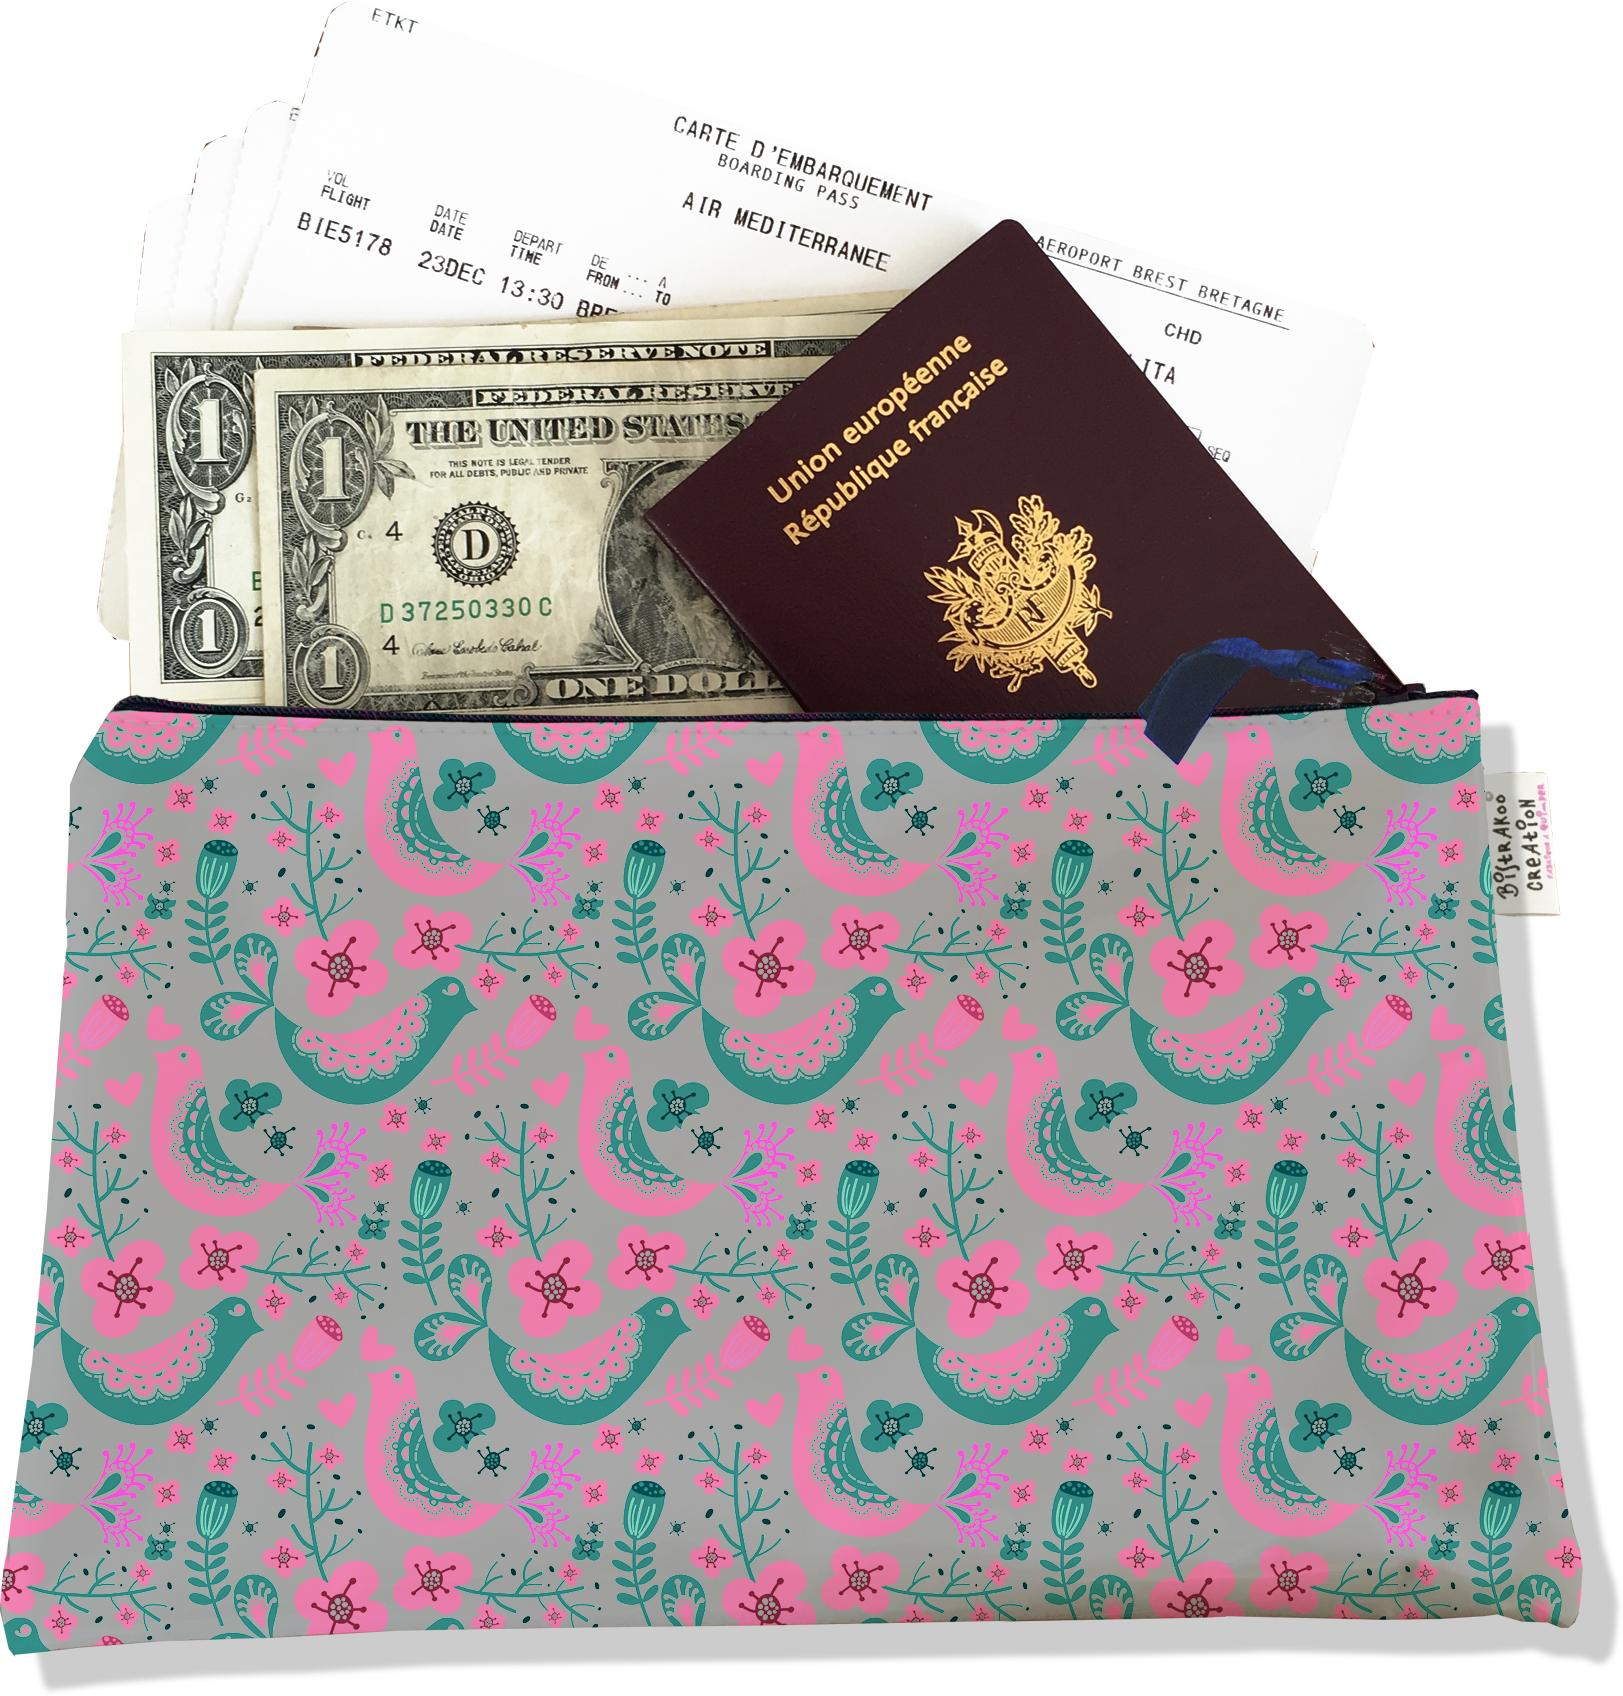 Pochette voyage, porte documents pour femme motif Scandinave vert et rose 3231-2017